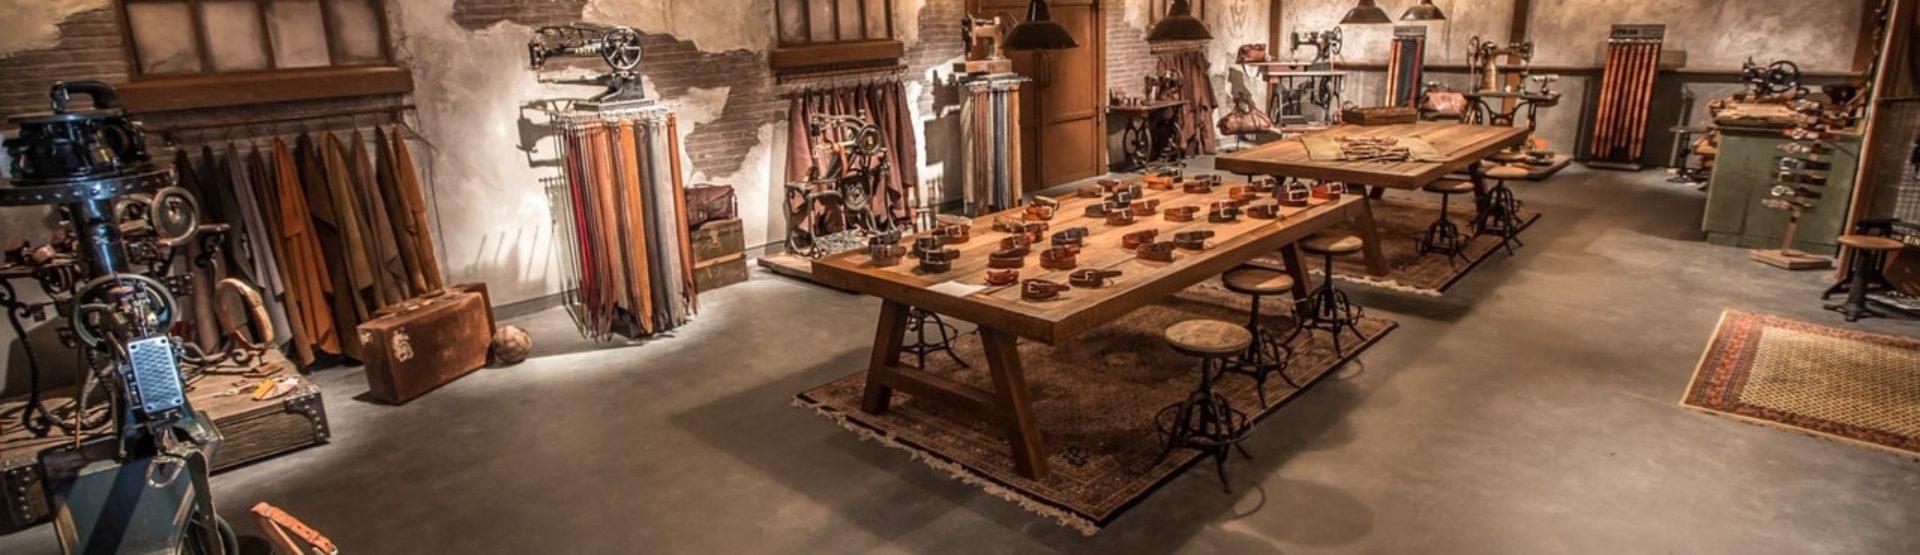 'Ever feel like wearing something extraordinary' | Leatherbelove is webshop met authentieke showroom